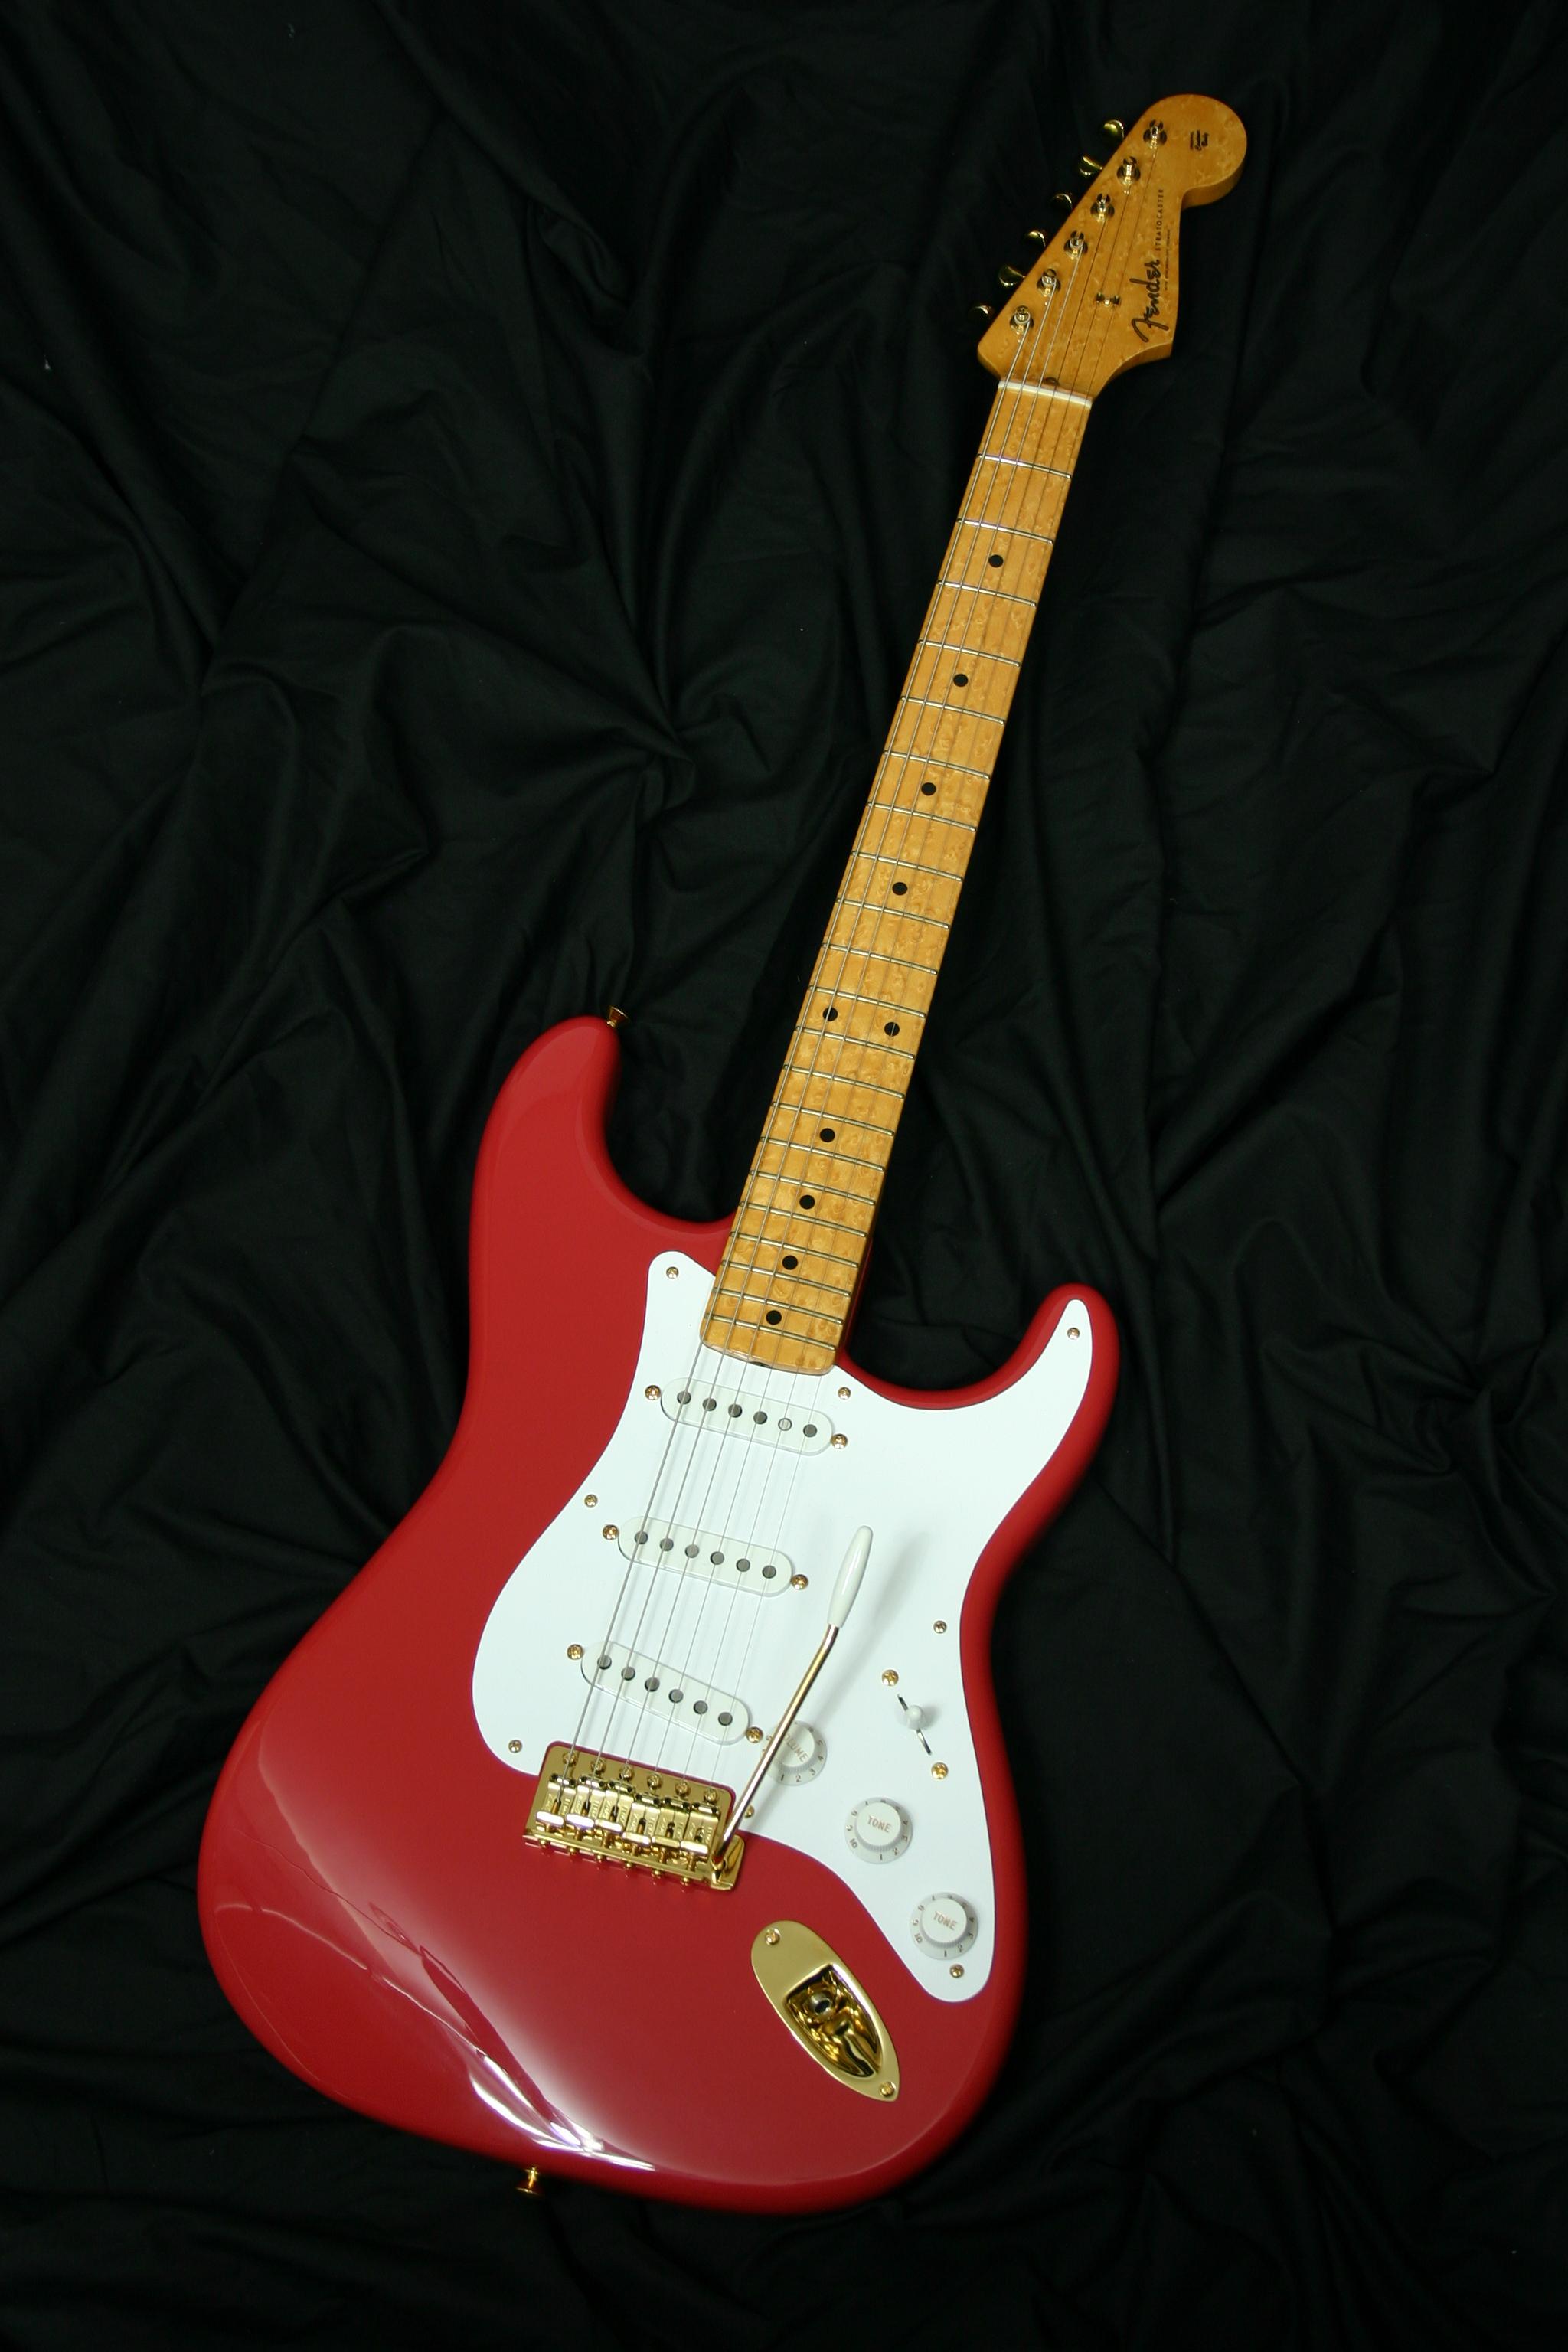 music, Fender, instruments, guitars, electric guitars - Free Wallpaper / WallpaperJam.com